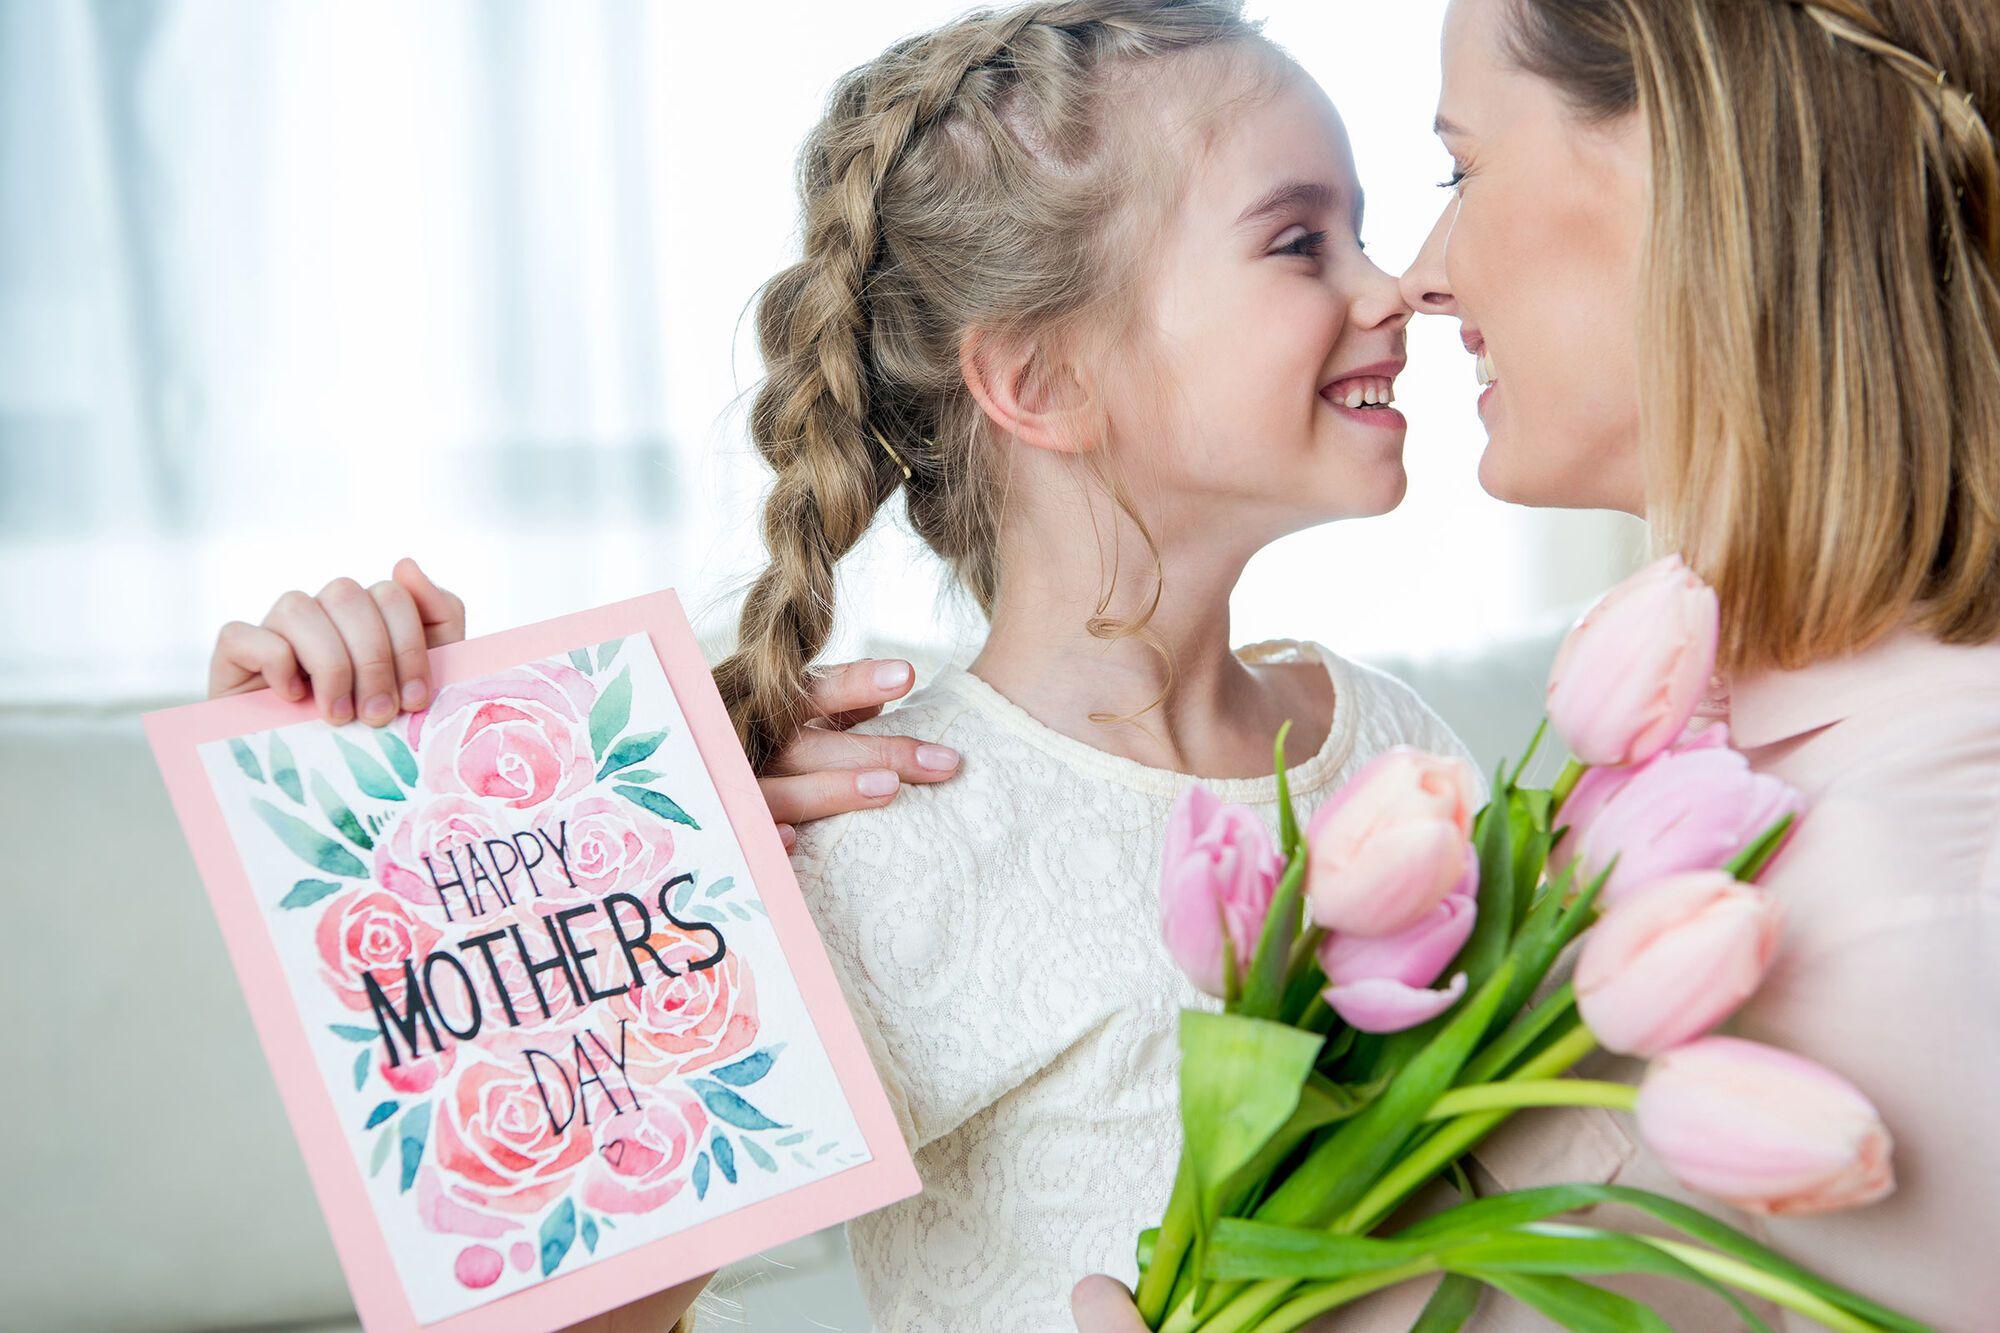 Що подарувати мамі на День матері: оригінальні подарунки